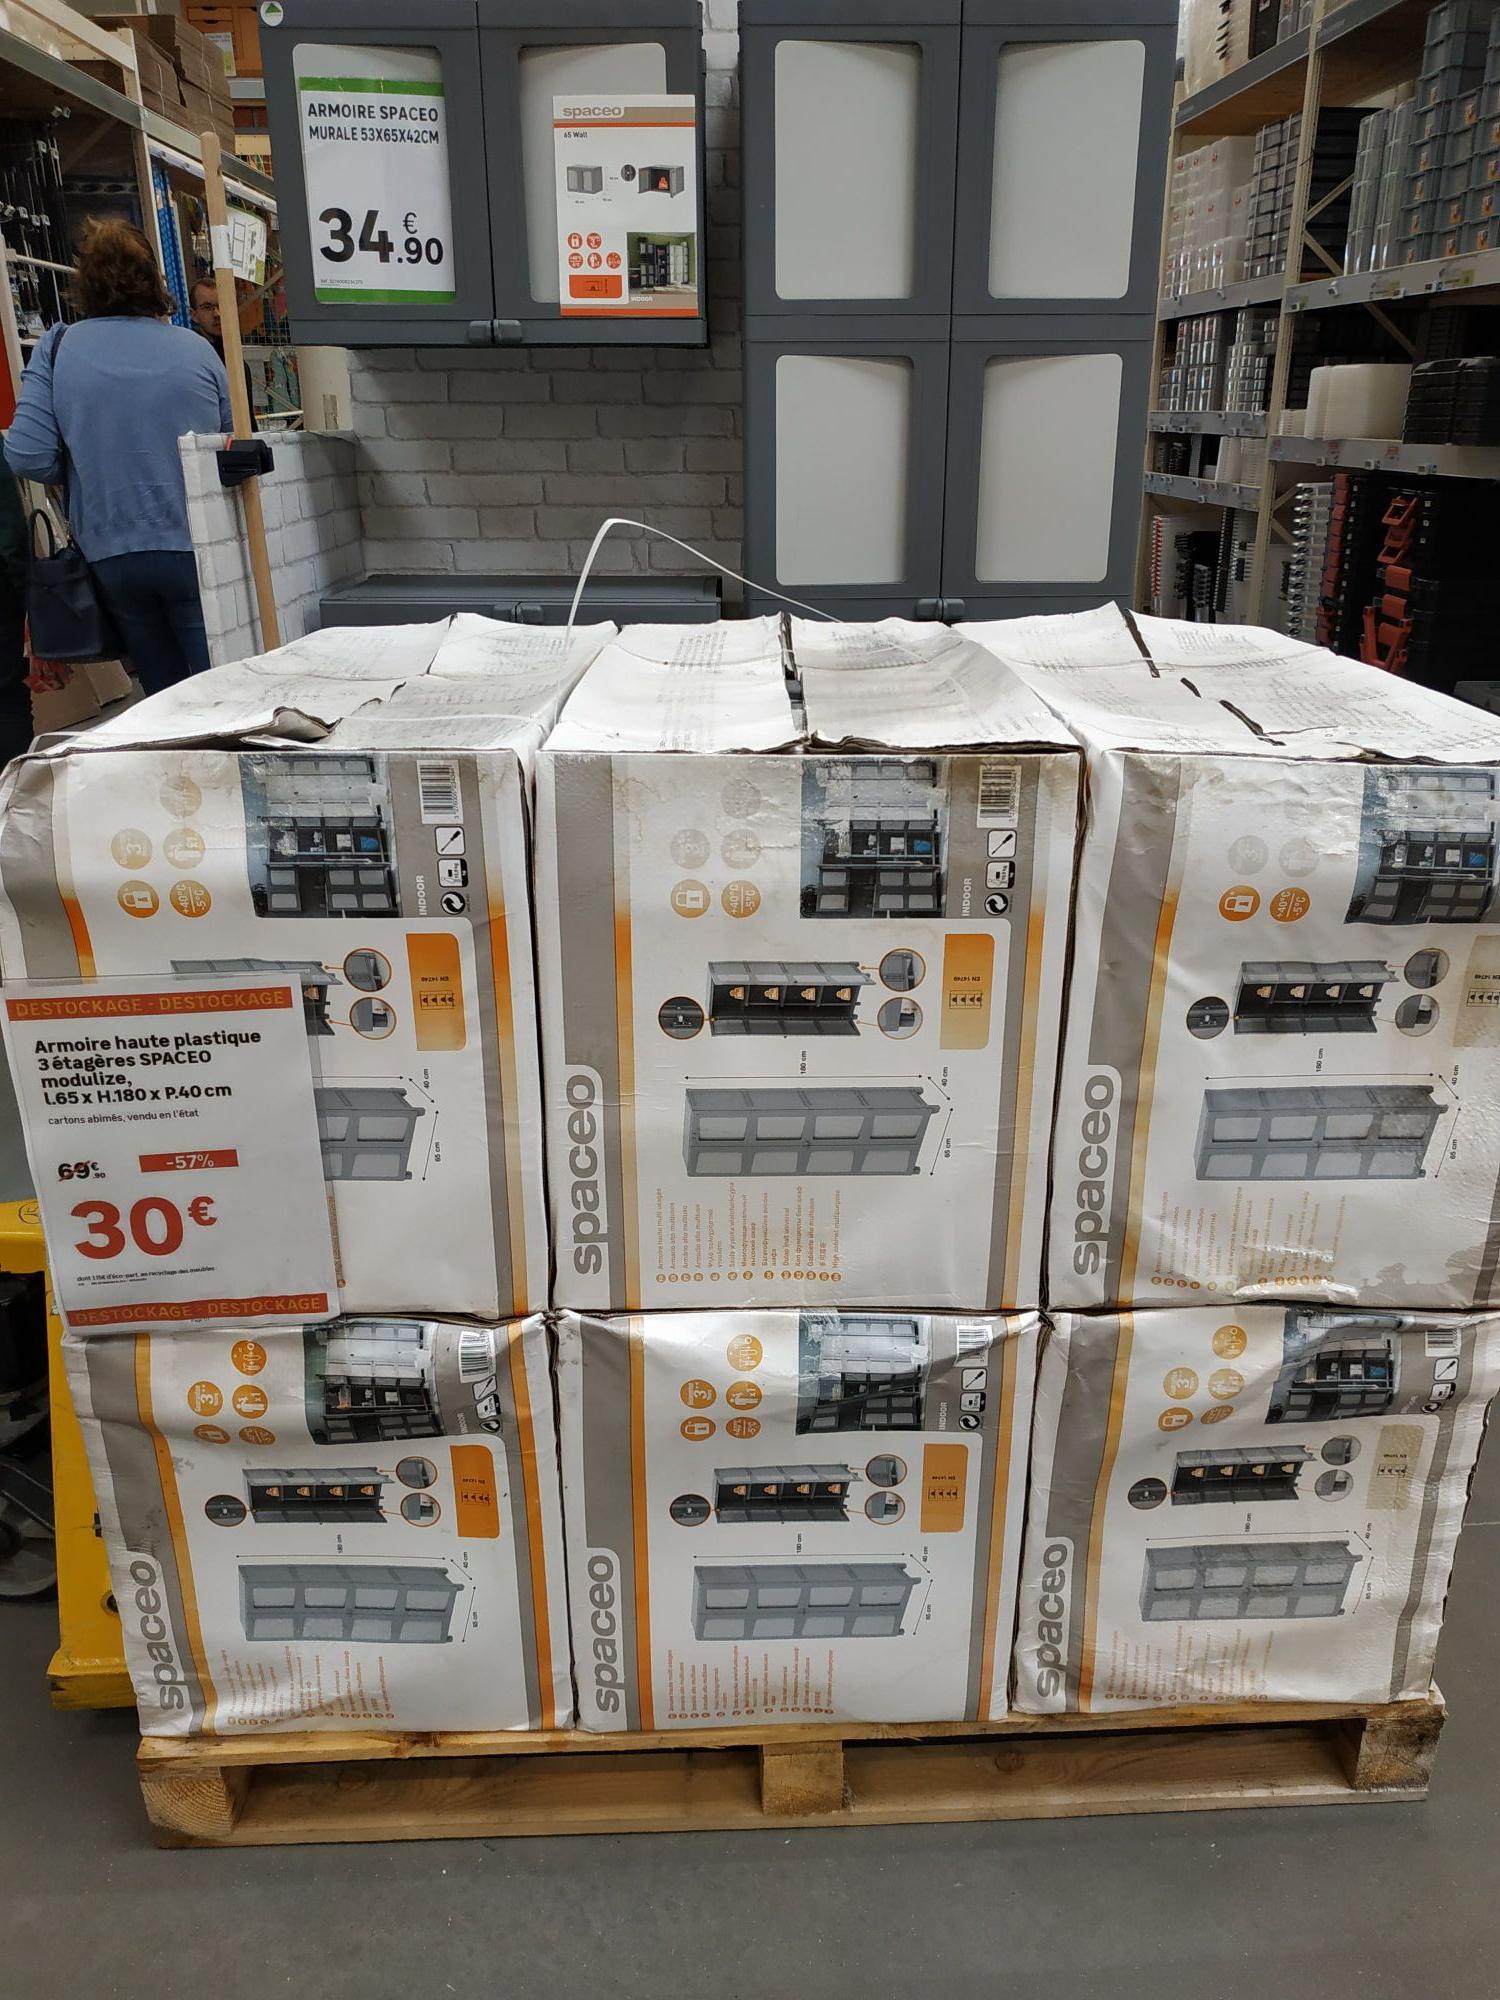 Armoire Haute Plastique 3 étagères Spaceo Modulize